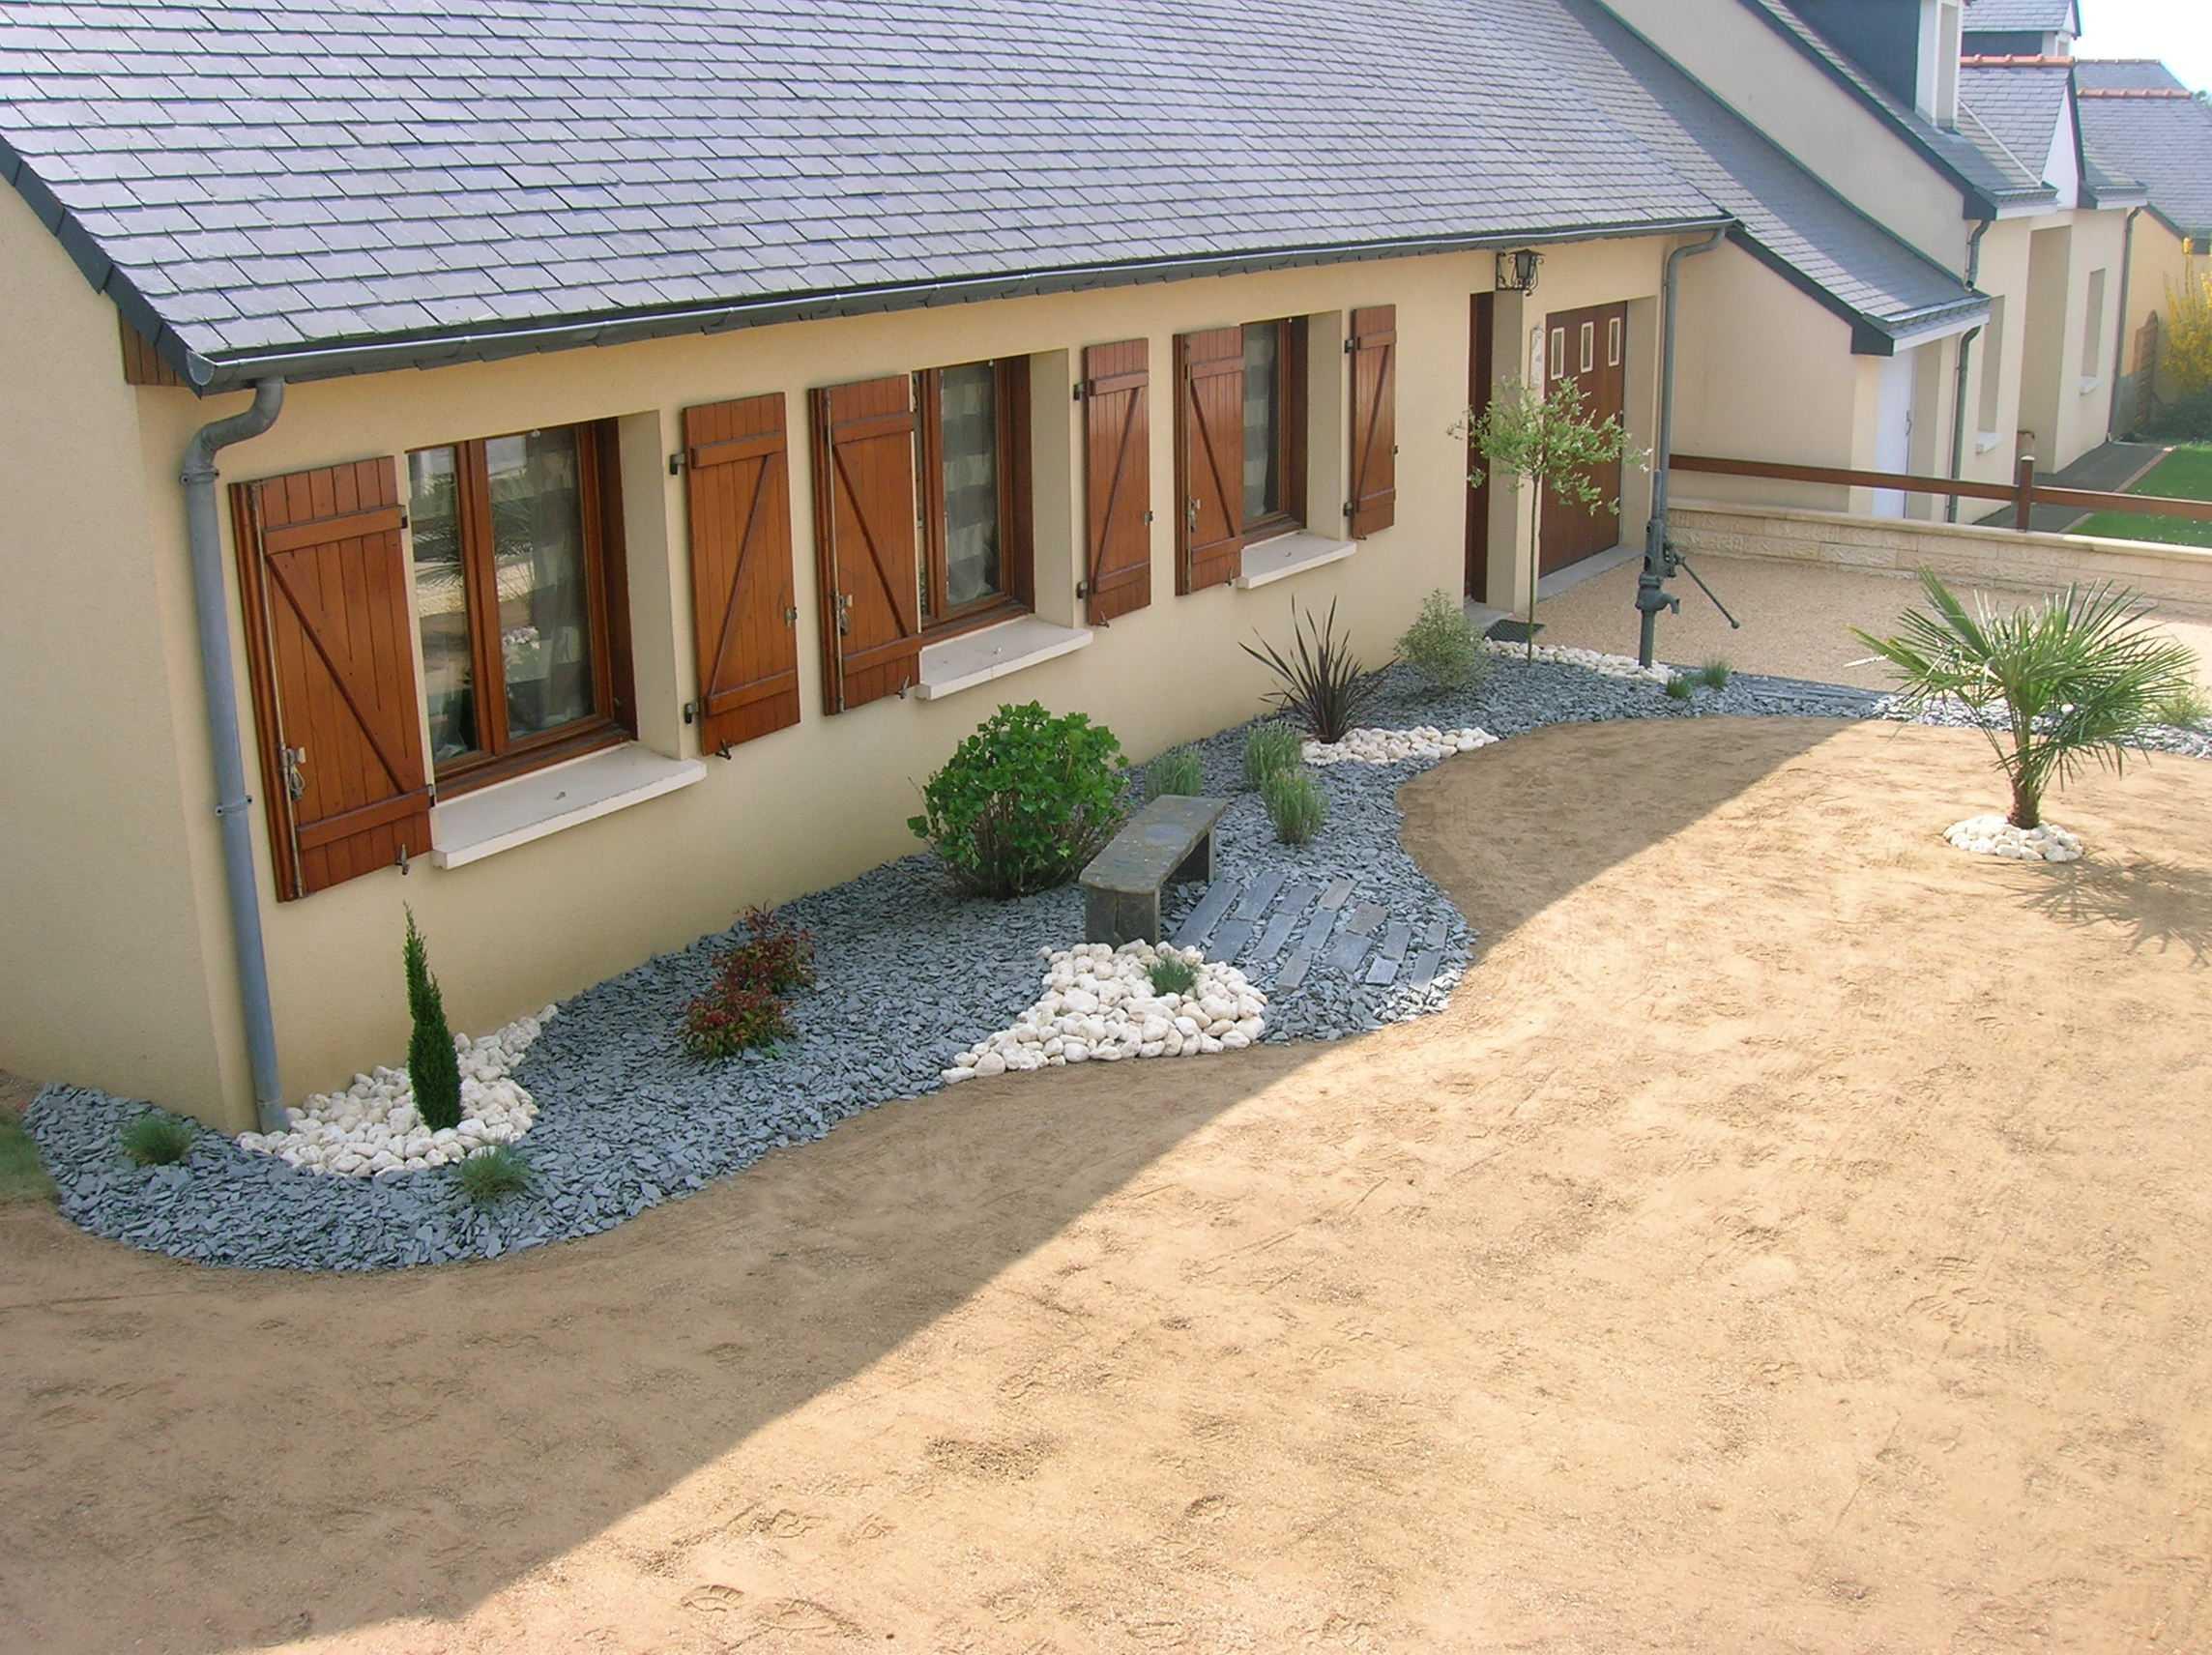 Aménagement Jardin Devant Maison Des Idées - Idees ... serapportantà Comment Aménager Son Jardin Devant La Maison